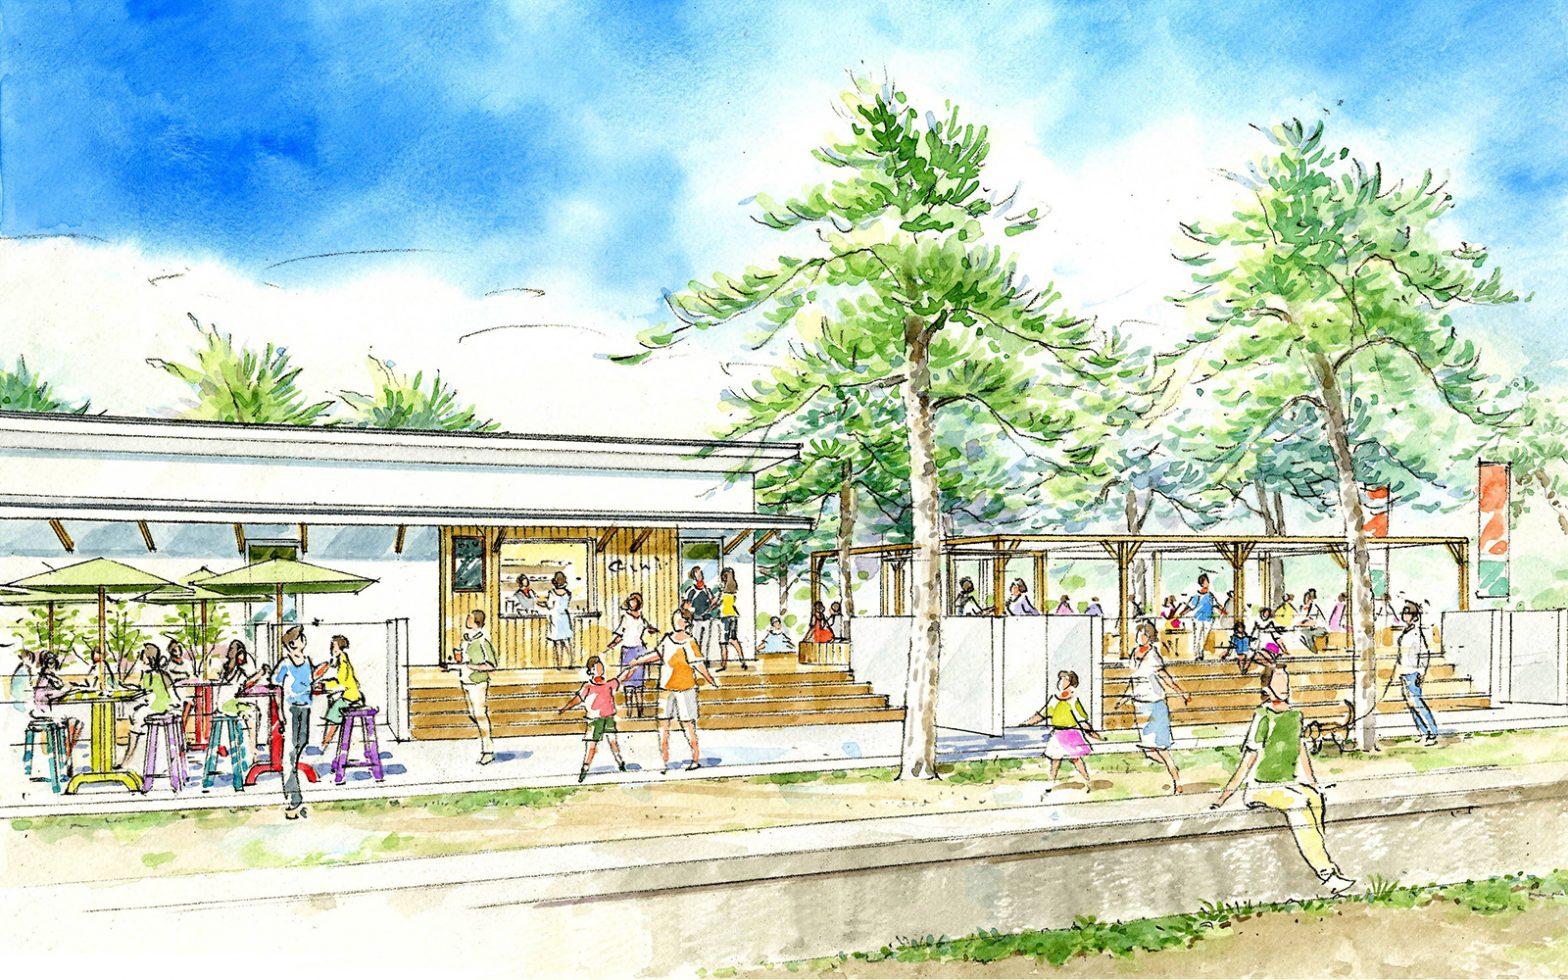 父母ヶ浜ヴィレッジの総合案内所である『父母ヶ浜ポート』がいよいよ明日、7月12日(金)にオープン!